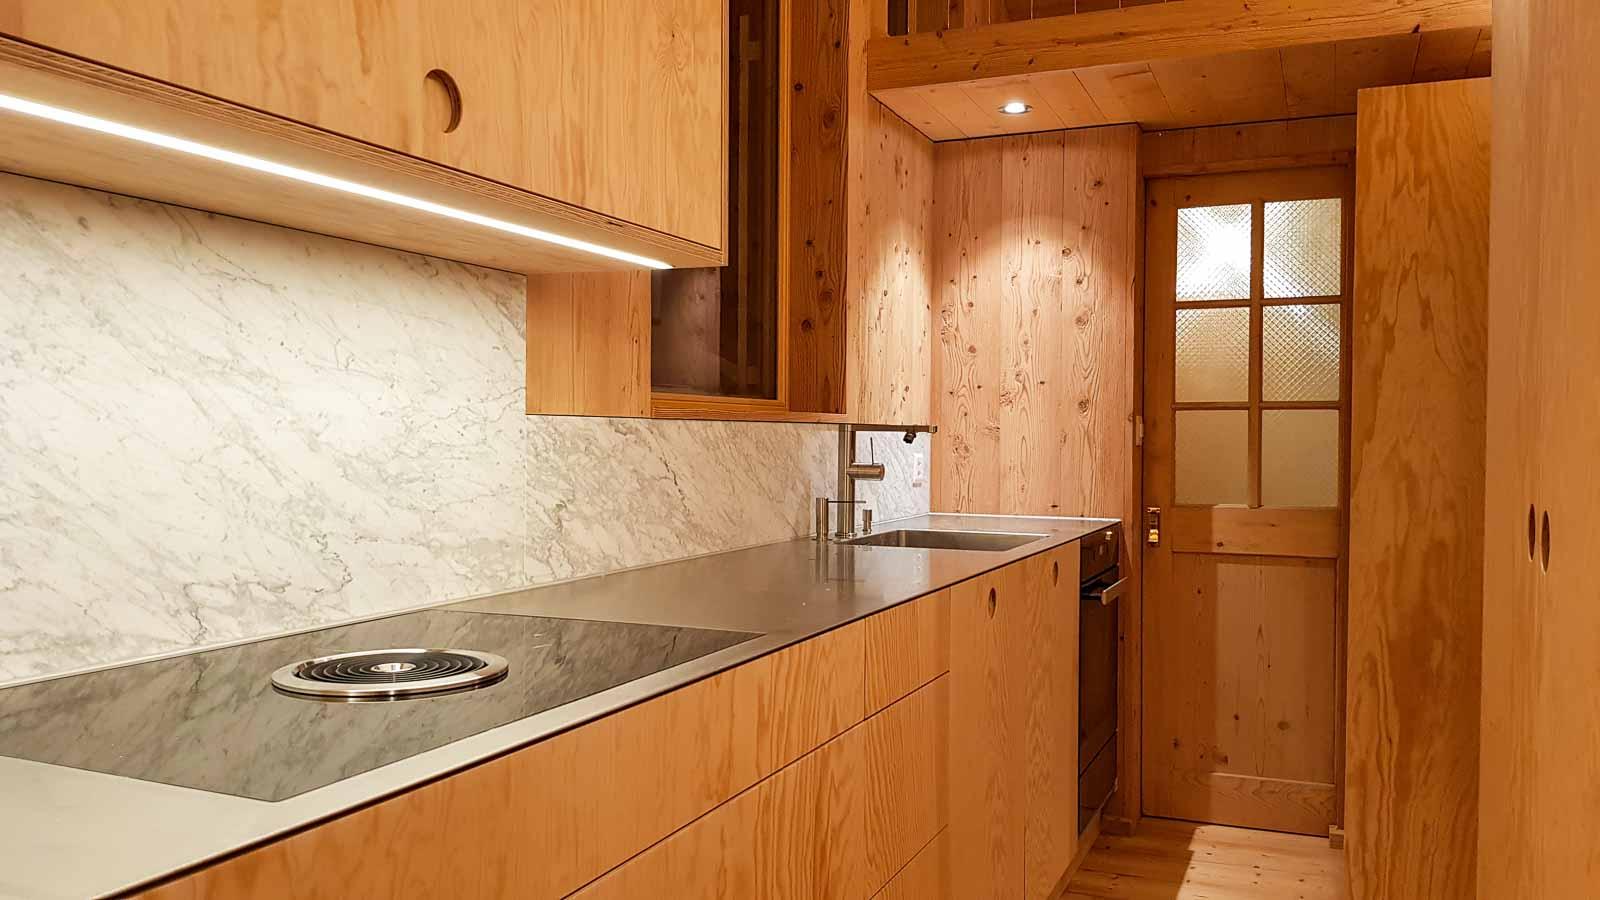 Wooddesign_Holzdesign_Innenausbau Ferienhaus_Altholz_Ferienwohnung_Ferienchalet_Schwarzsee_ Umbau (1)